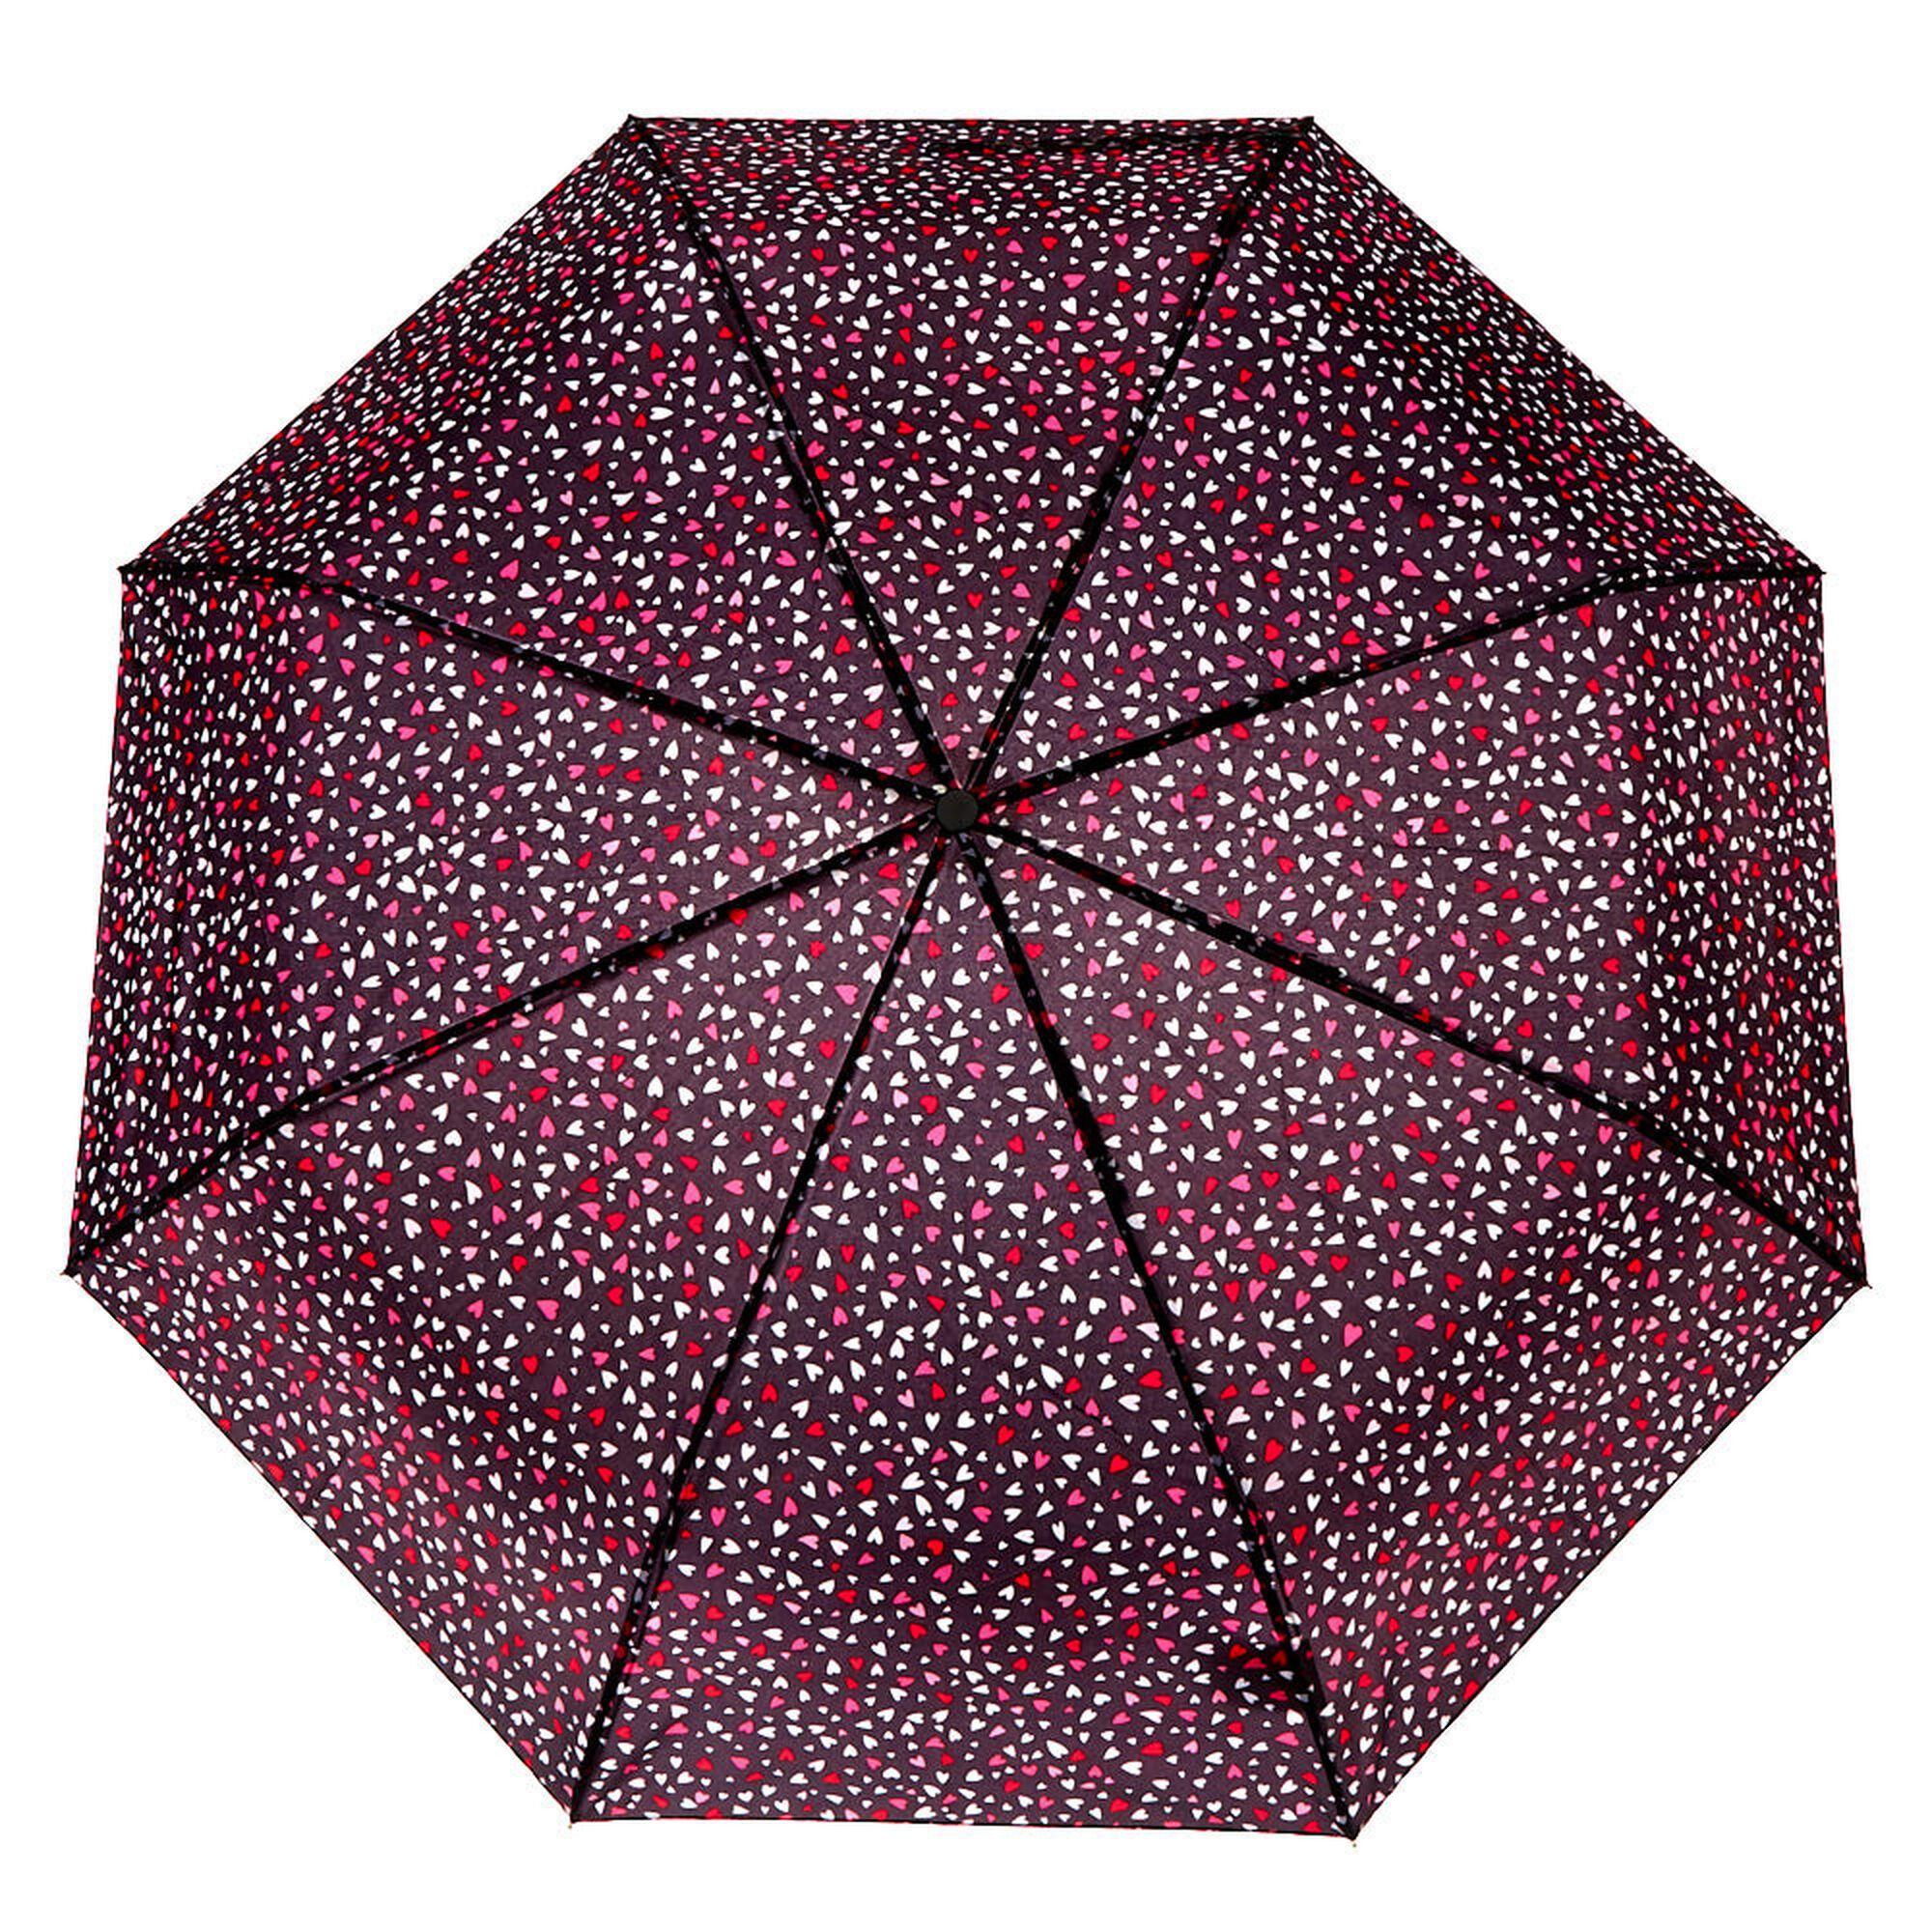 Claire's Love Hearts Umbrella - Black